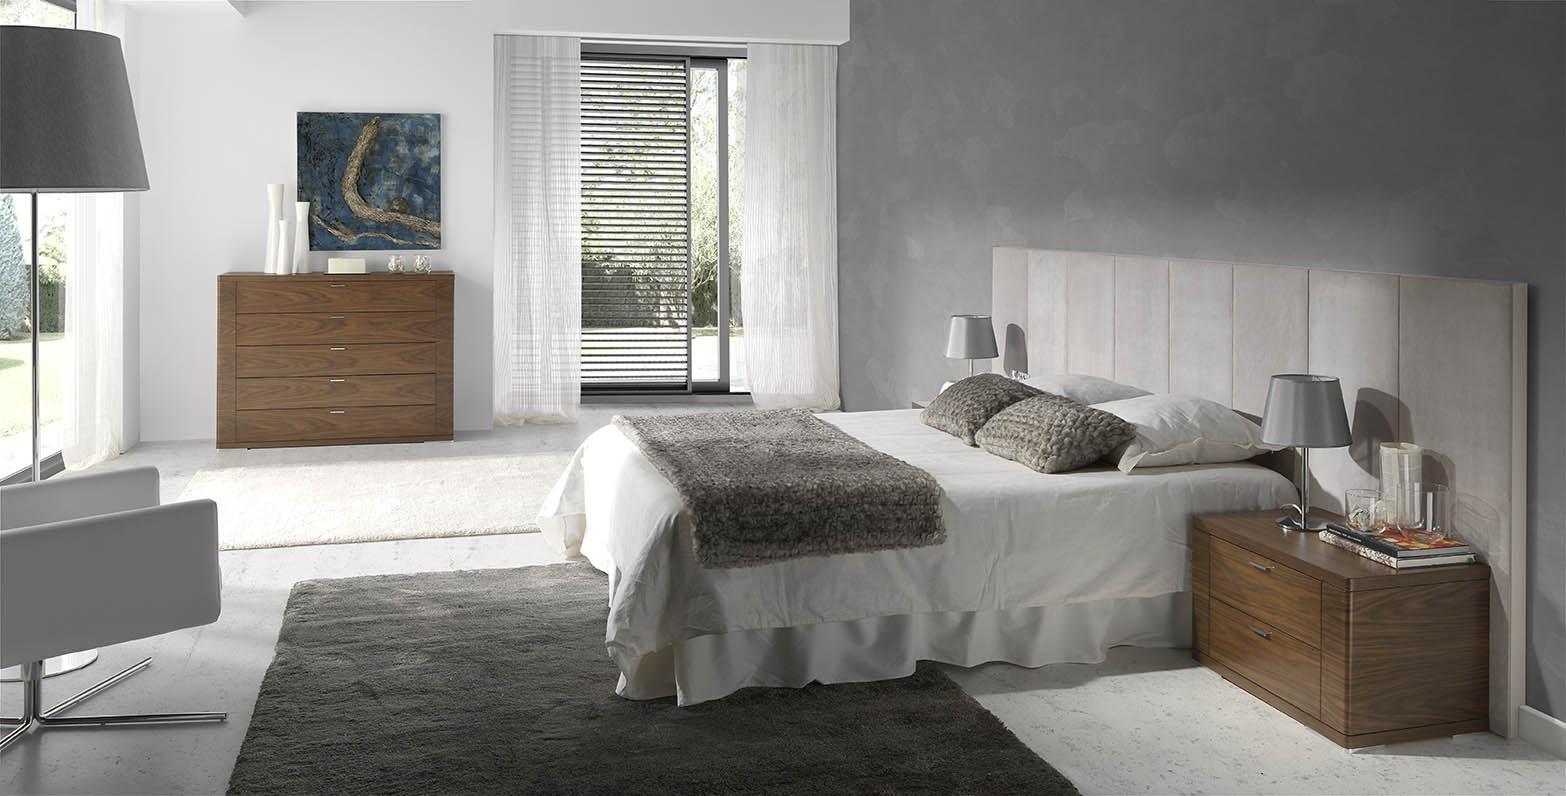 Se venden muebles buenos si creaciones loyra blog for Muebles buenos